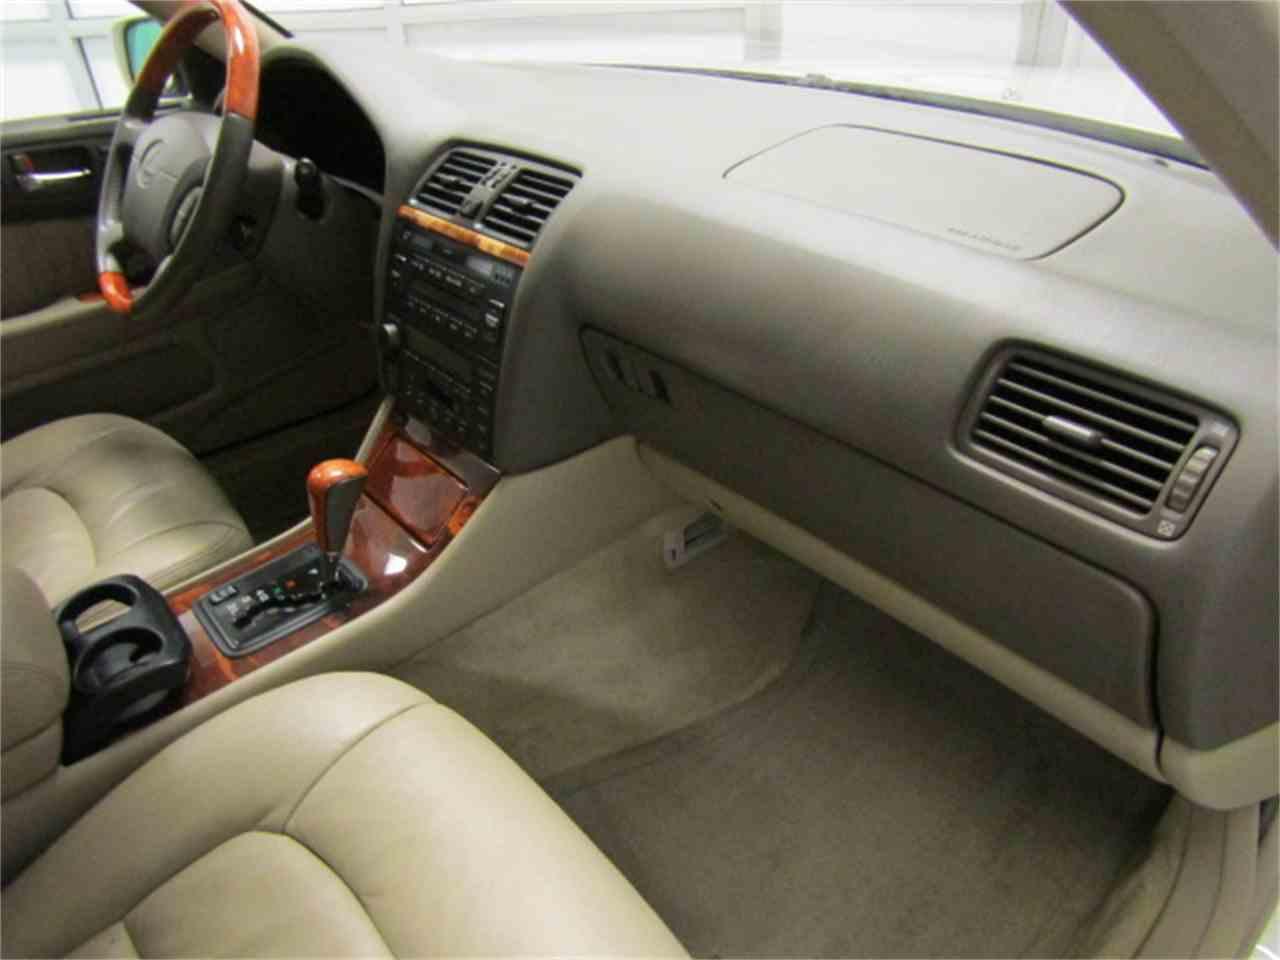 Large Picture of 1999 Lexus LS400 located in Virginia - $8,994.00 - JM33